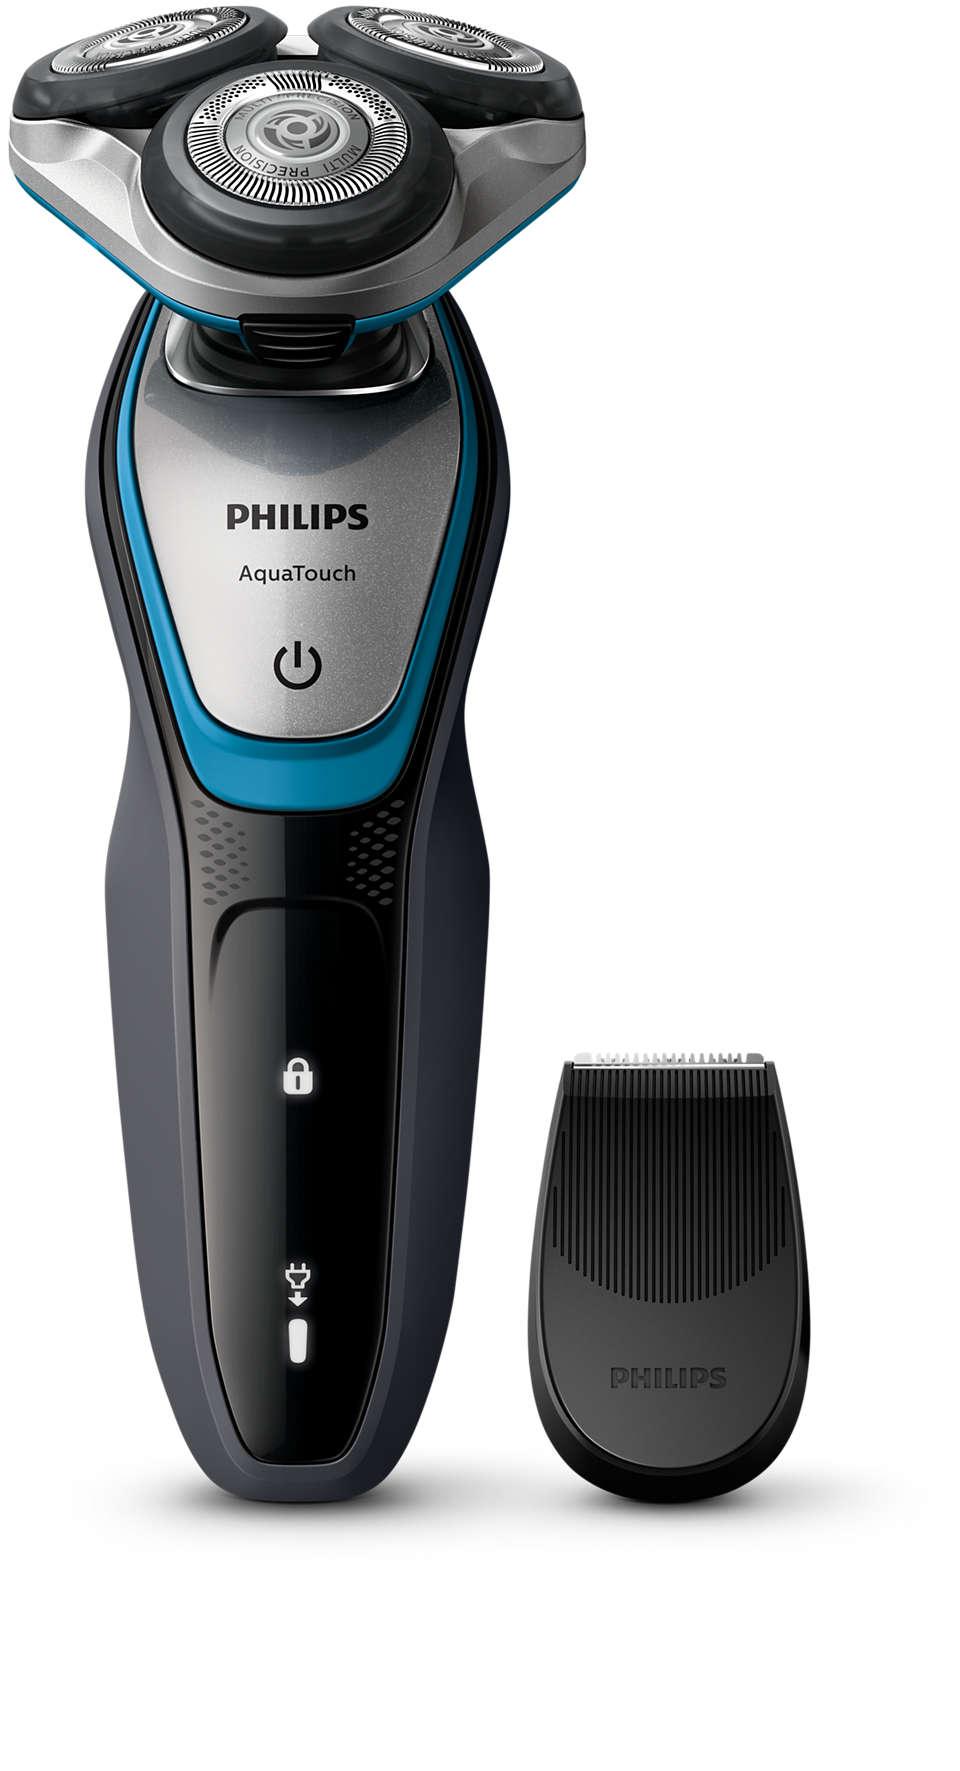 乾剃或濕剃、呵護的剃鬚體驗